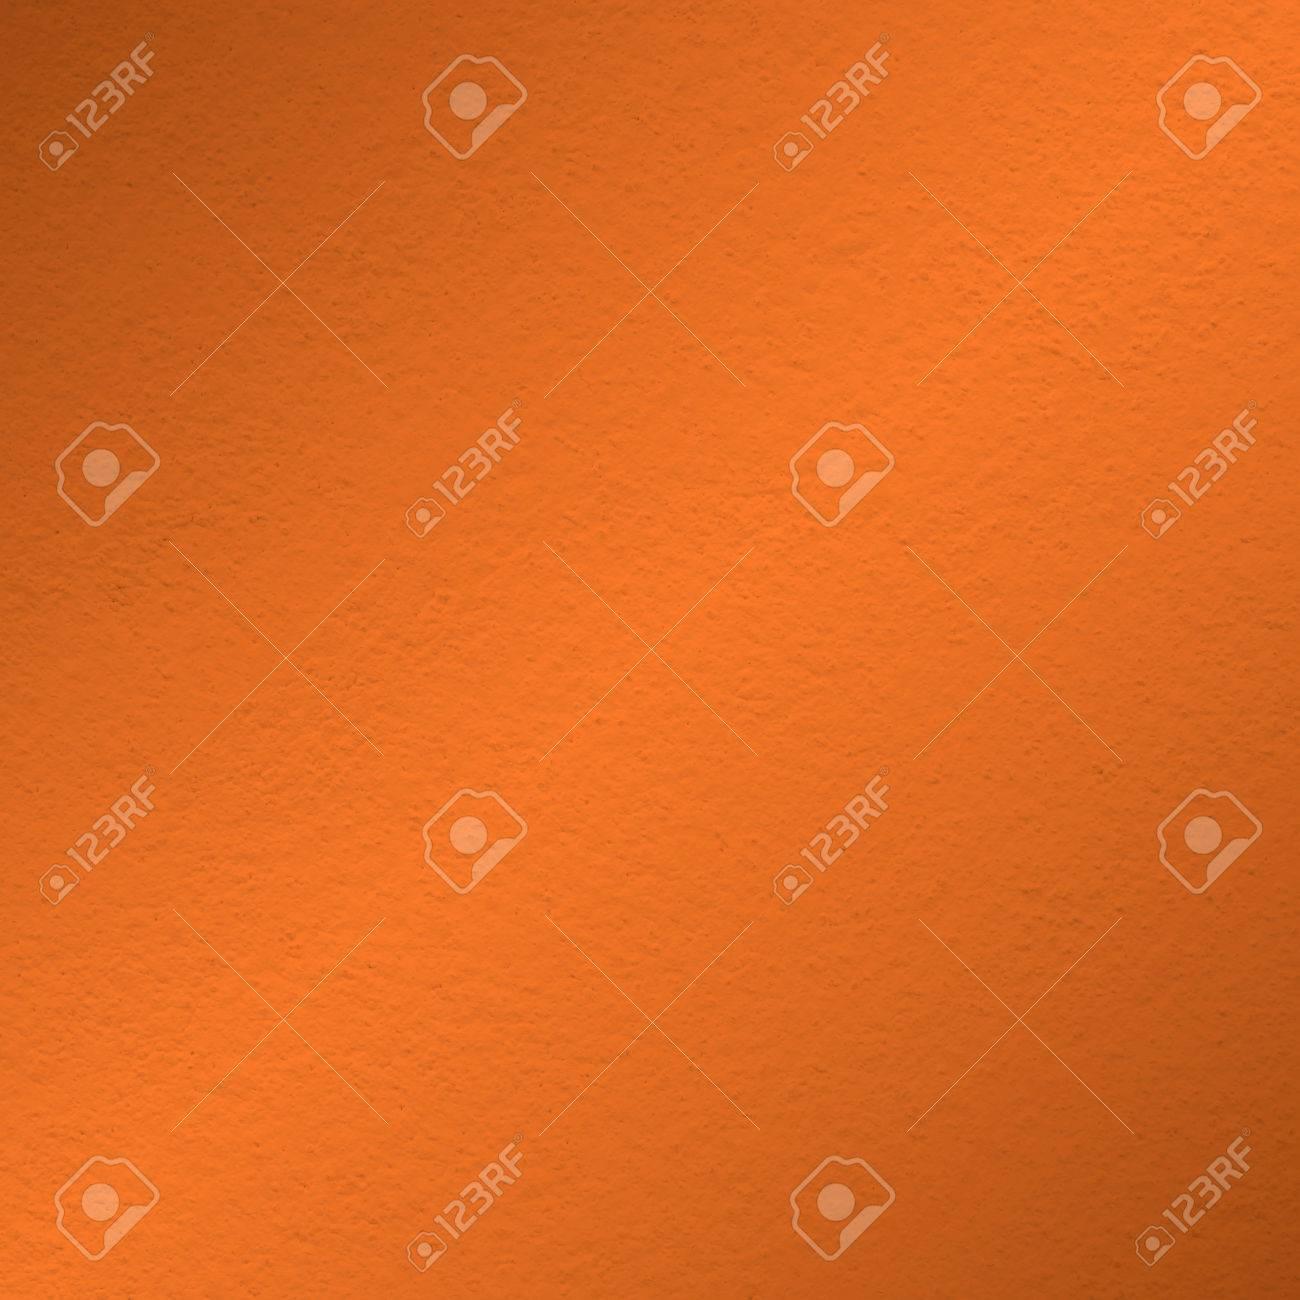 Orange La Texture De La Peinture Murale Avec De La Lumière à L